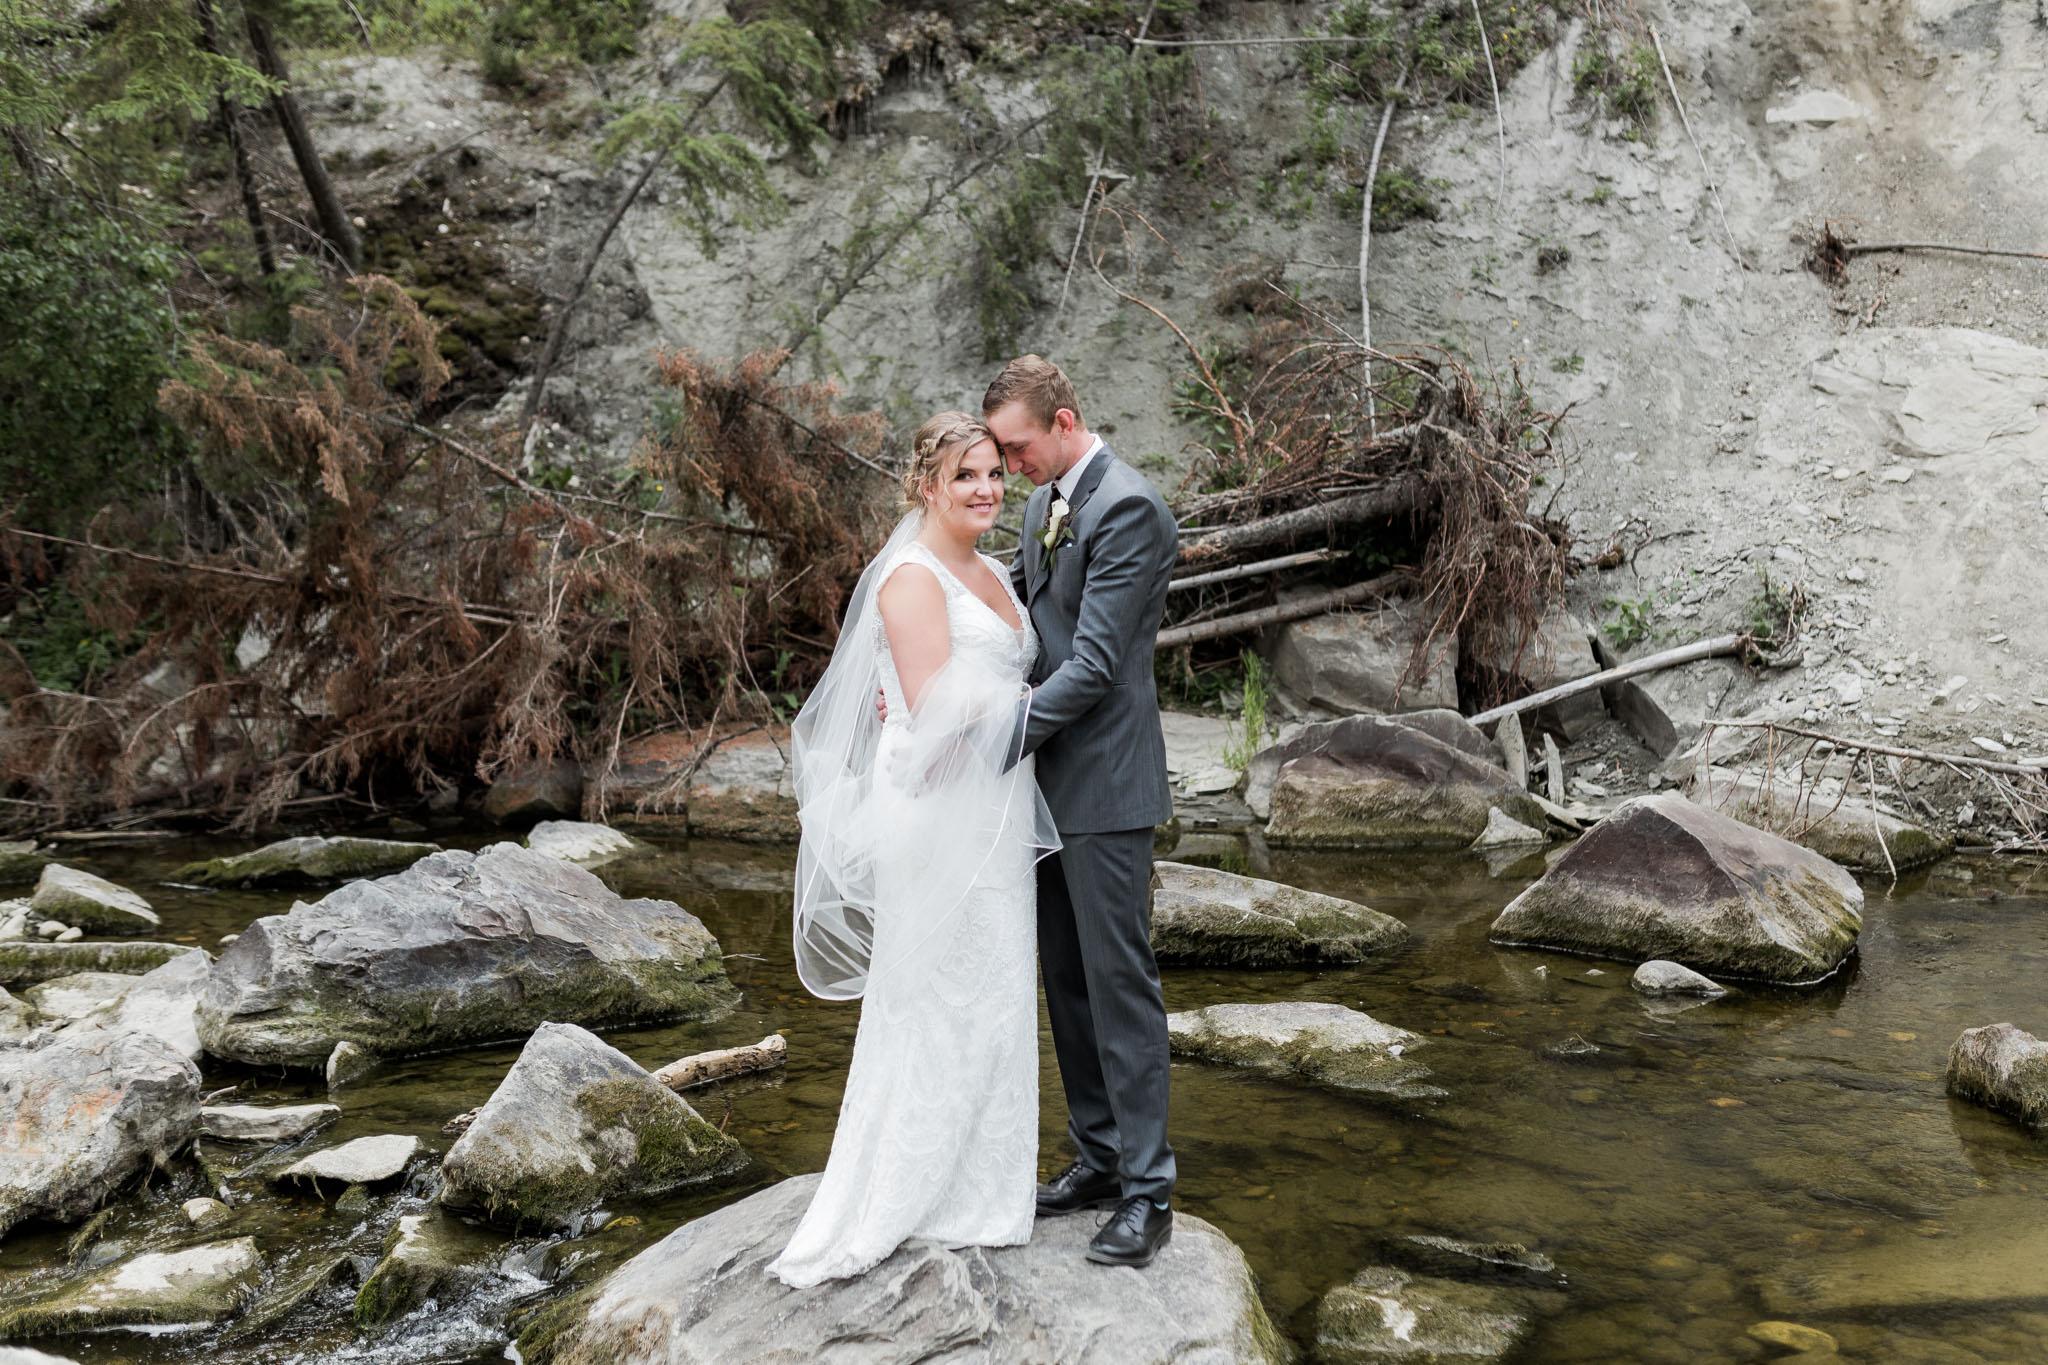 Wedding Photos At The River